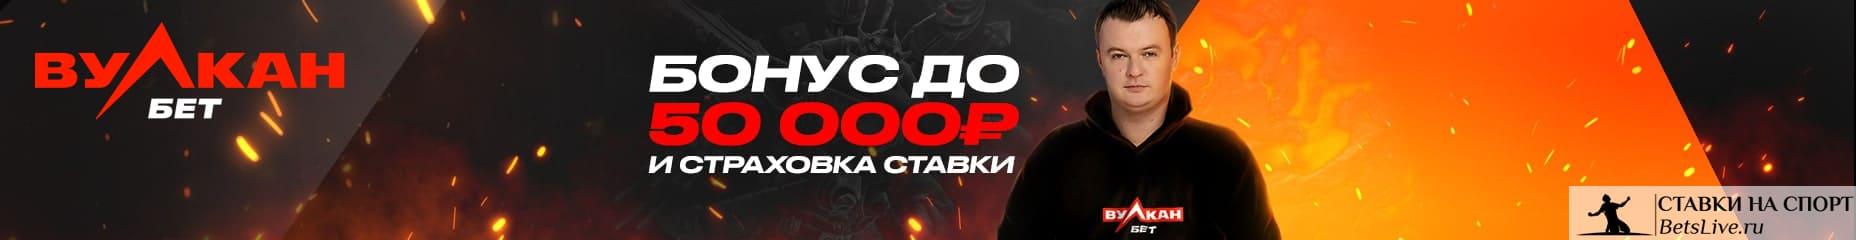 Бонус от XBOCT акция на Вулкан Бет